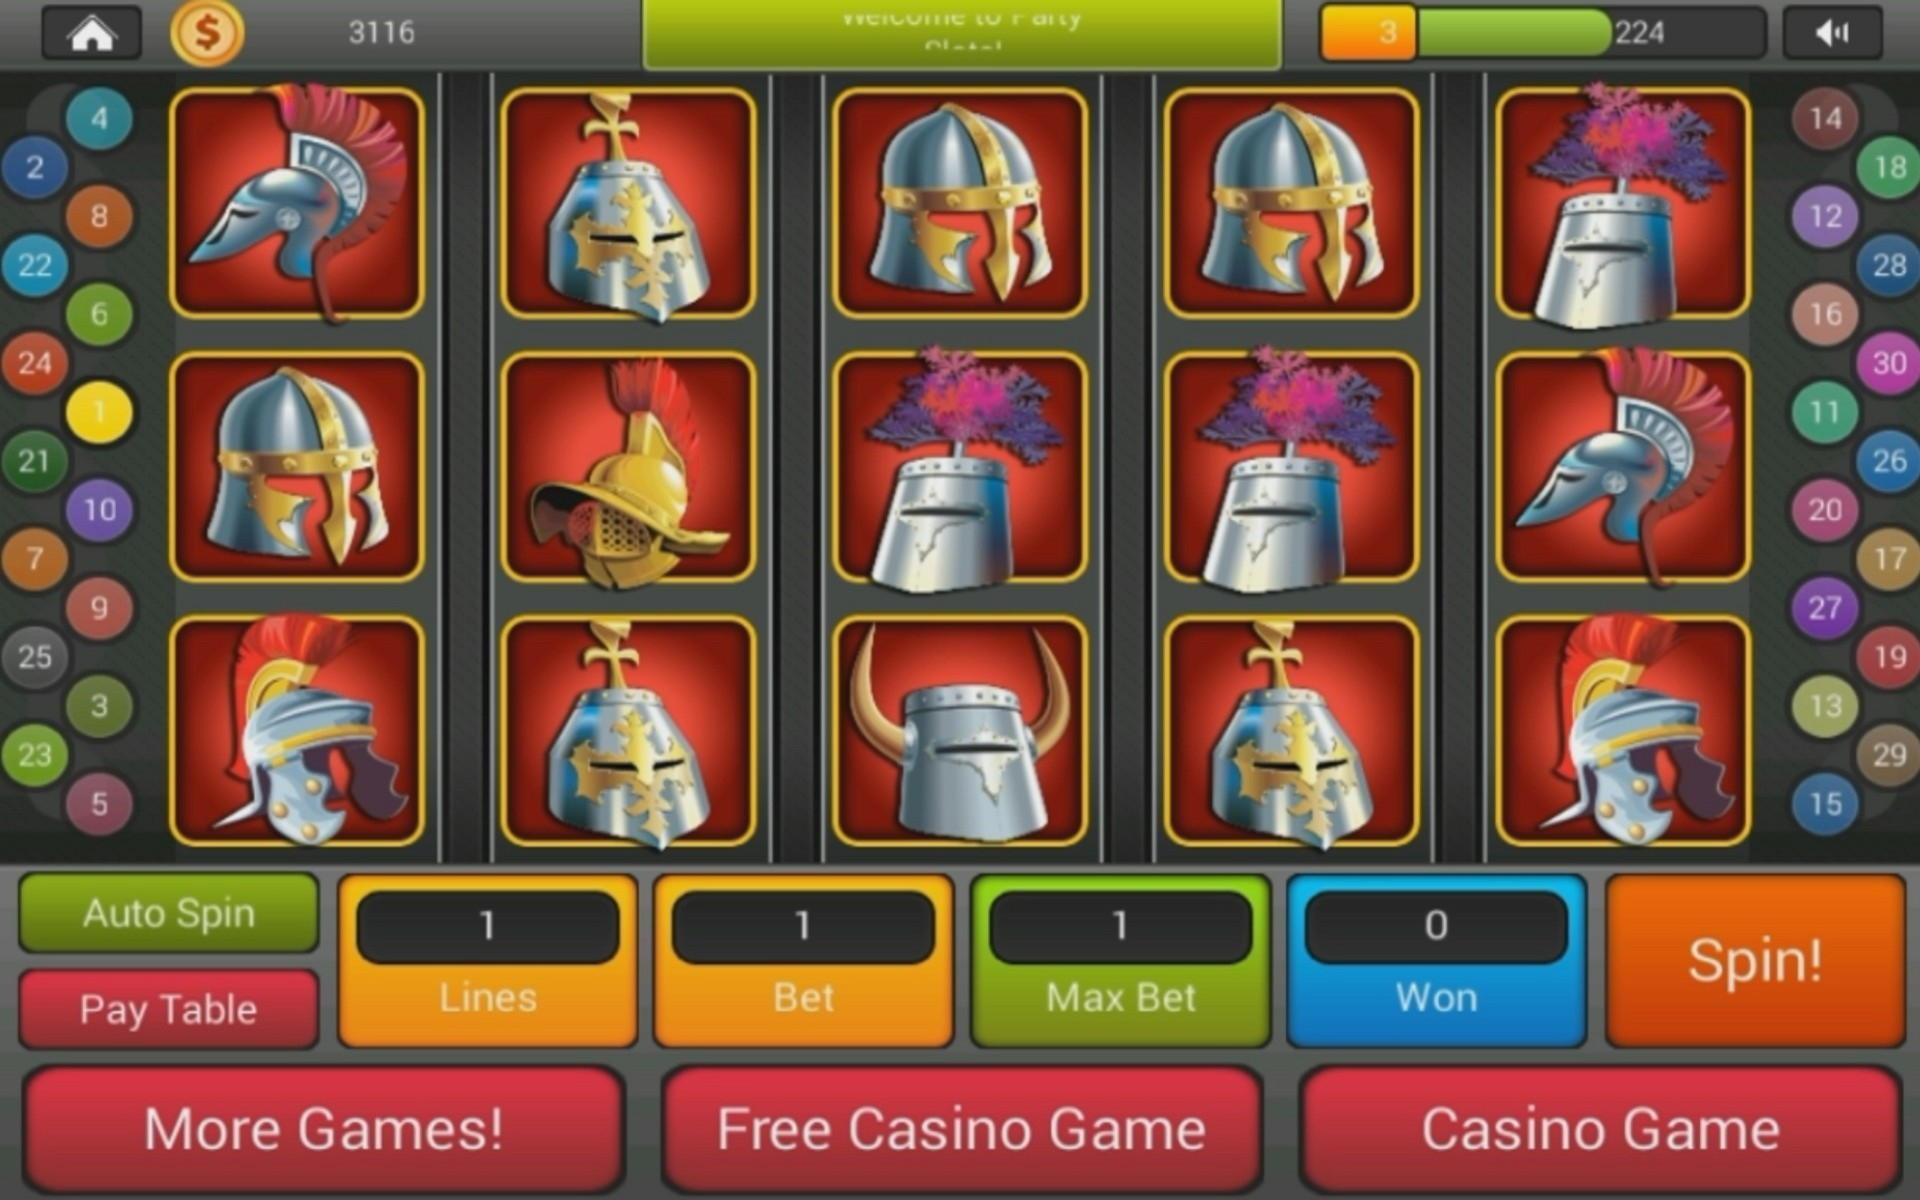 € 30 Mobile Freeroll Slot Tournoi bei Dunder